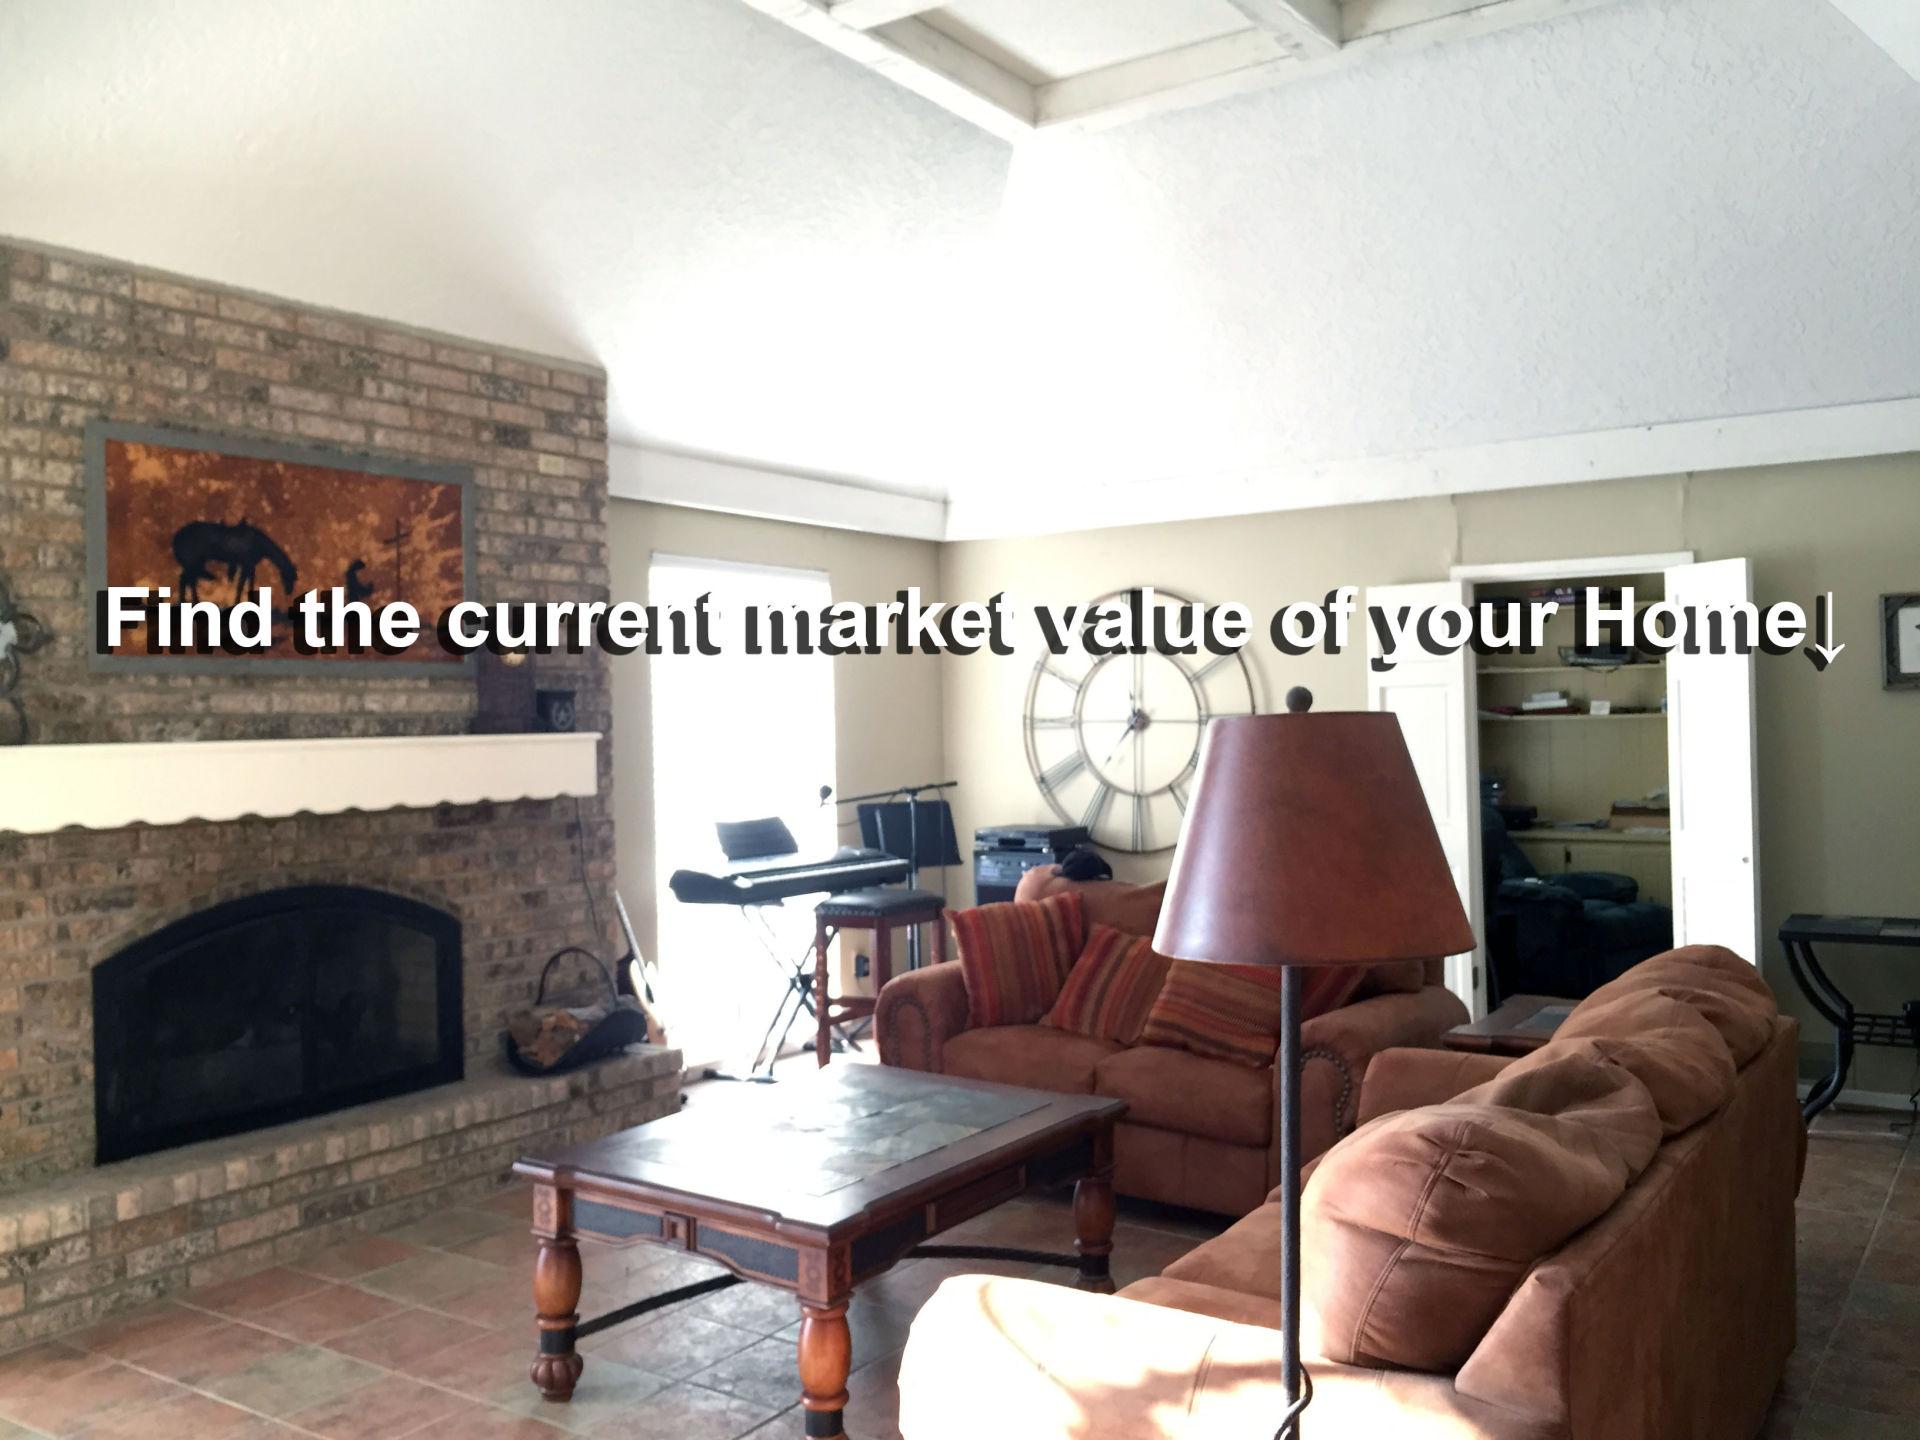 Home Values in Amarillo